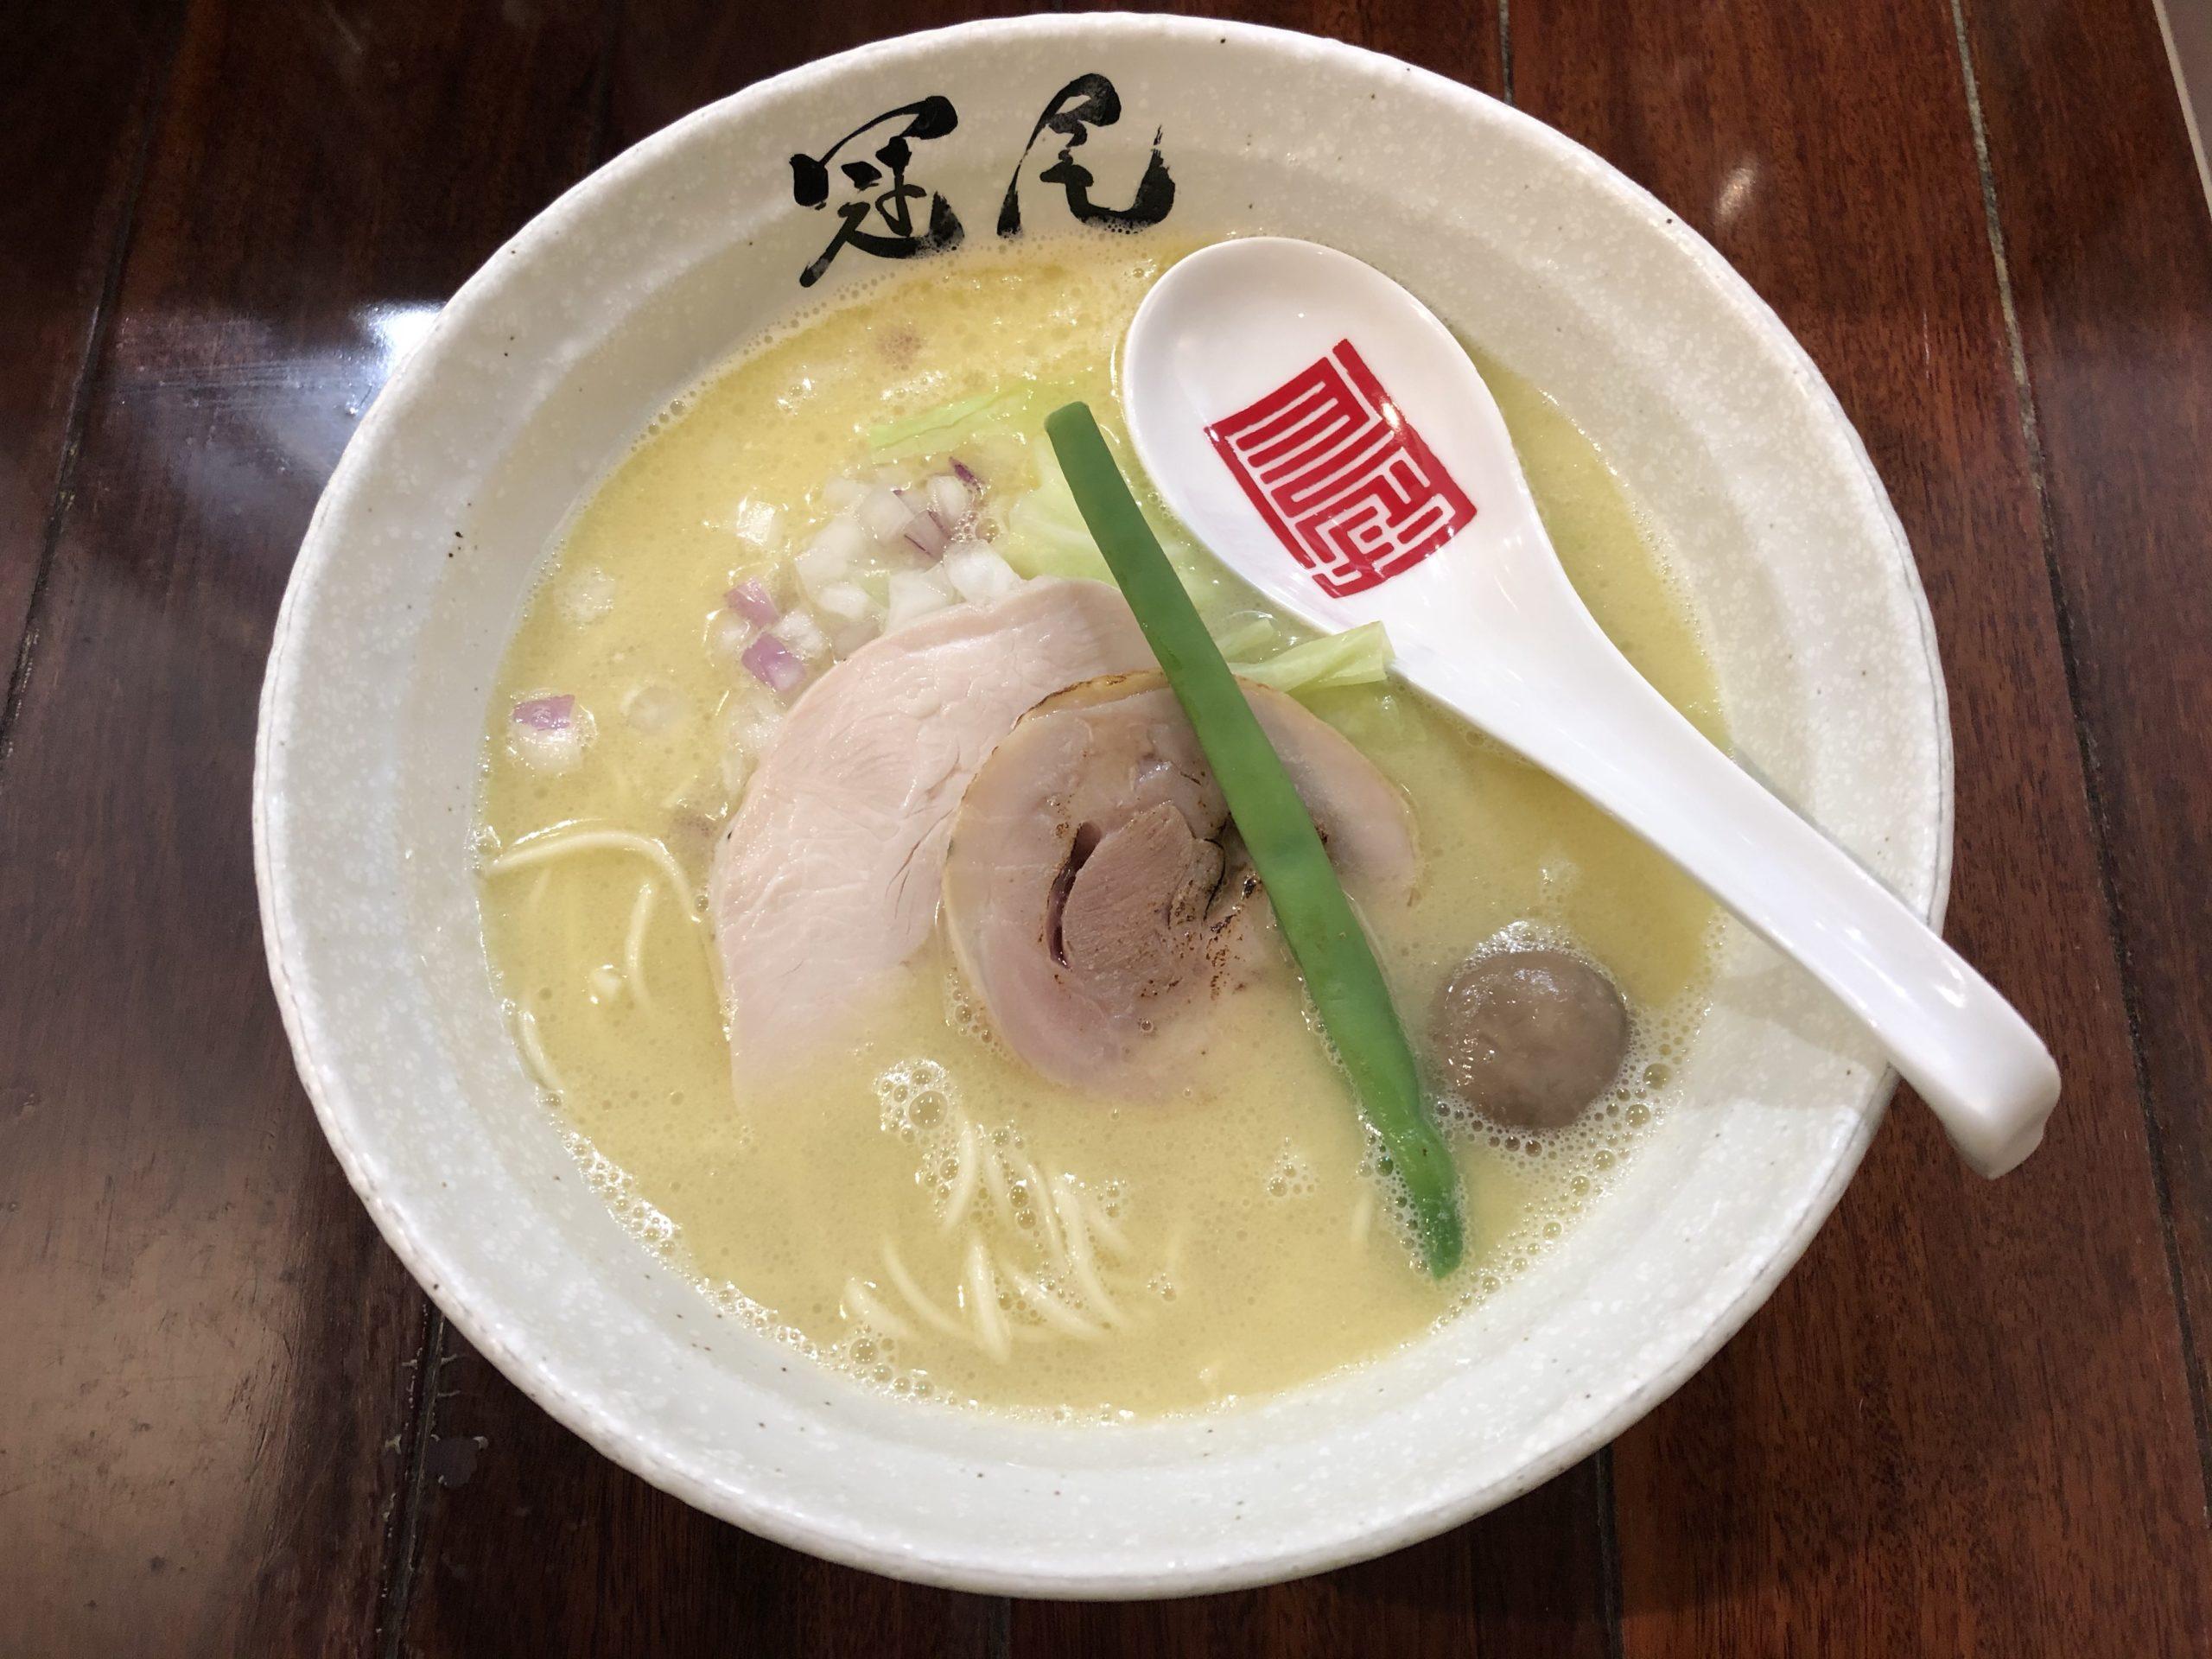 恵比寿「らぁめん冠尾」 こだわりの鶏専門、純白湯らぁめん!